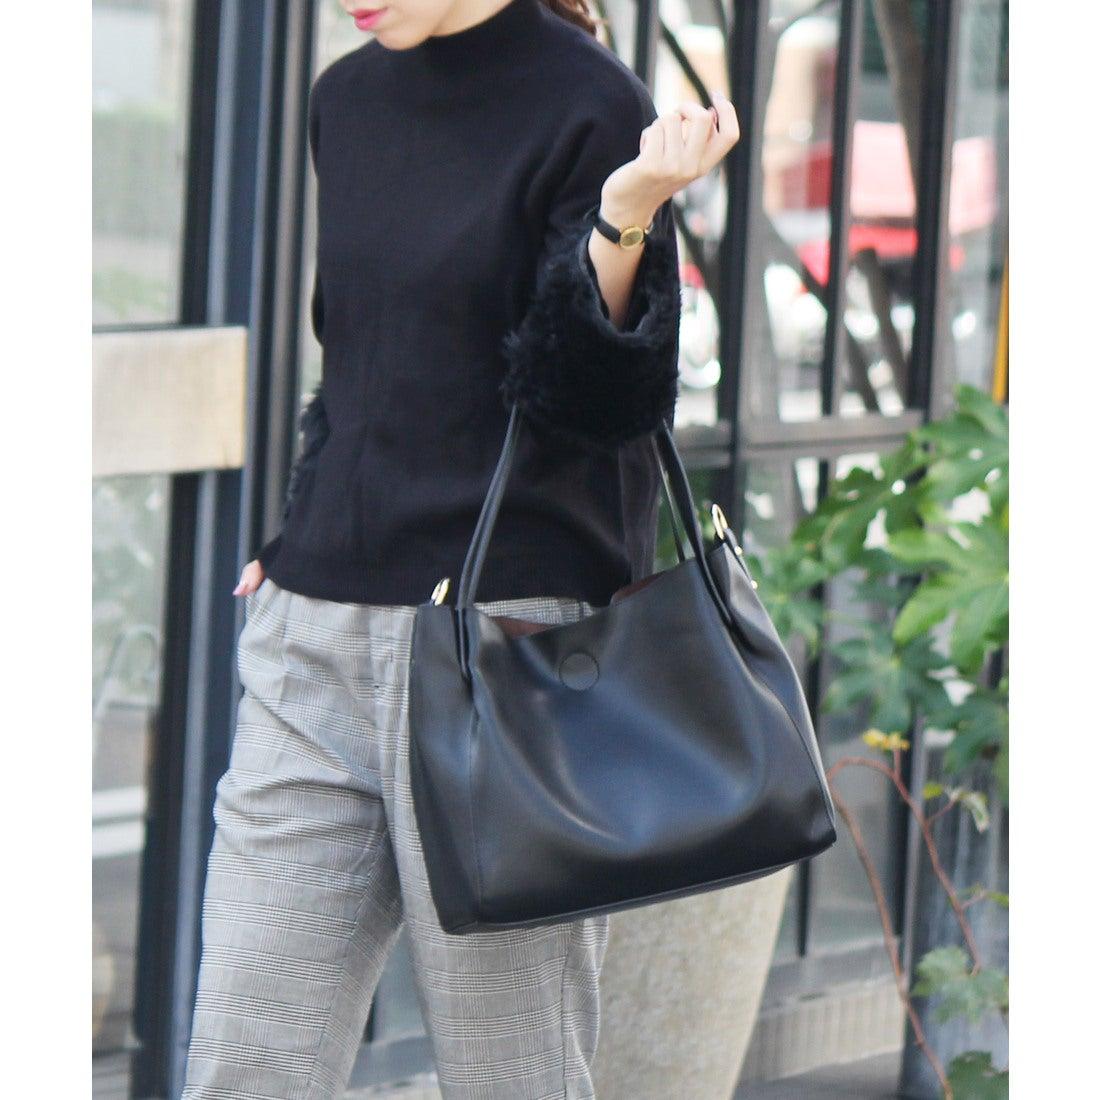 7db8228fecb3 ヴィータフェリーチェ VitaFelice 花柄インナーバッグ付き2wayトートバッグ (ブラック) -靴&ファッション通販  ロコンド〜自宅で試着、気軽に返品